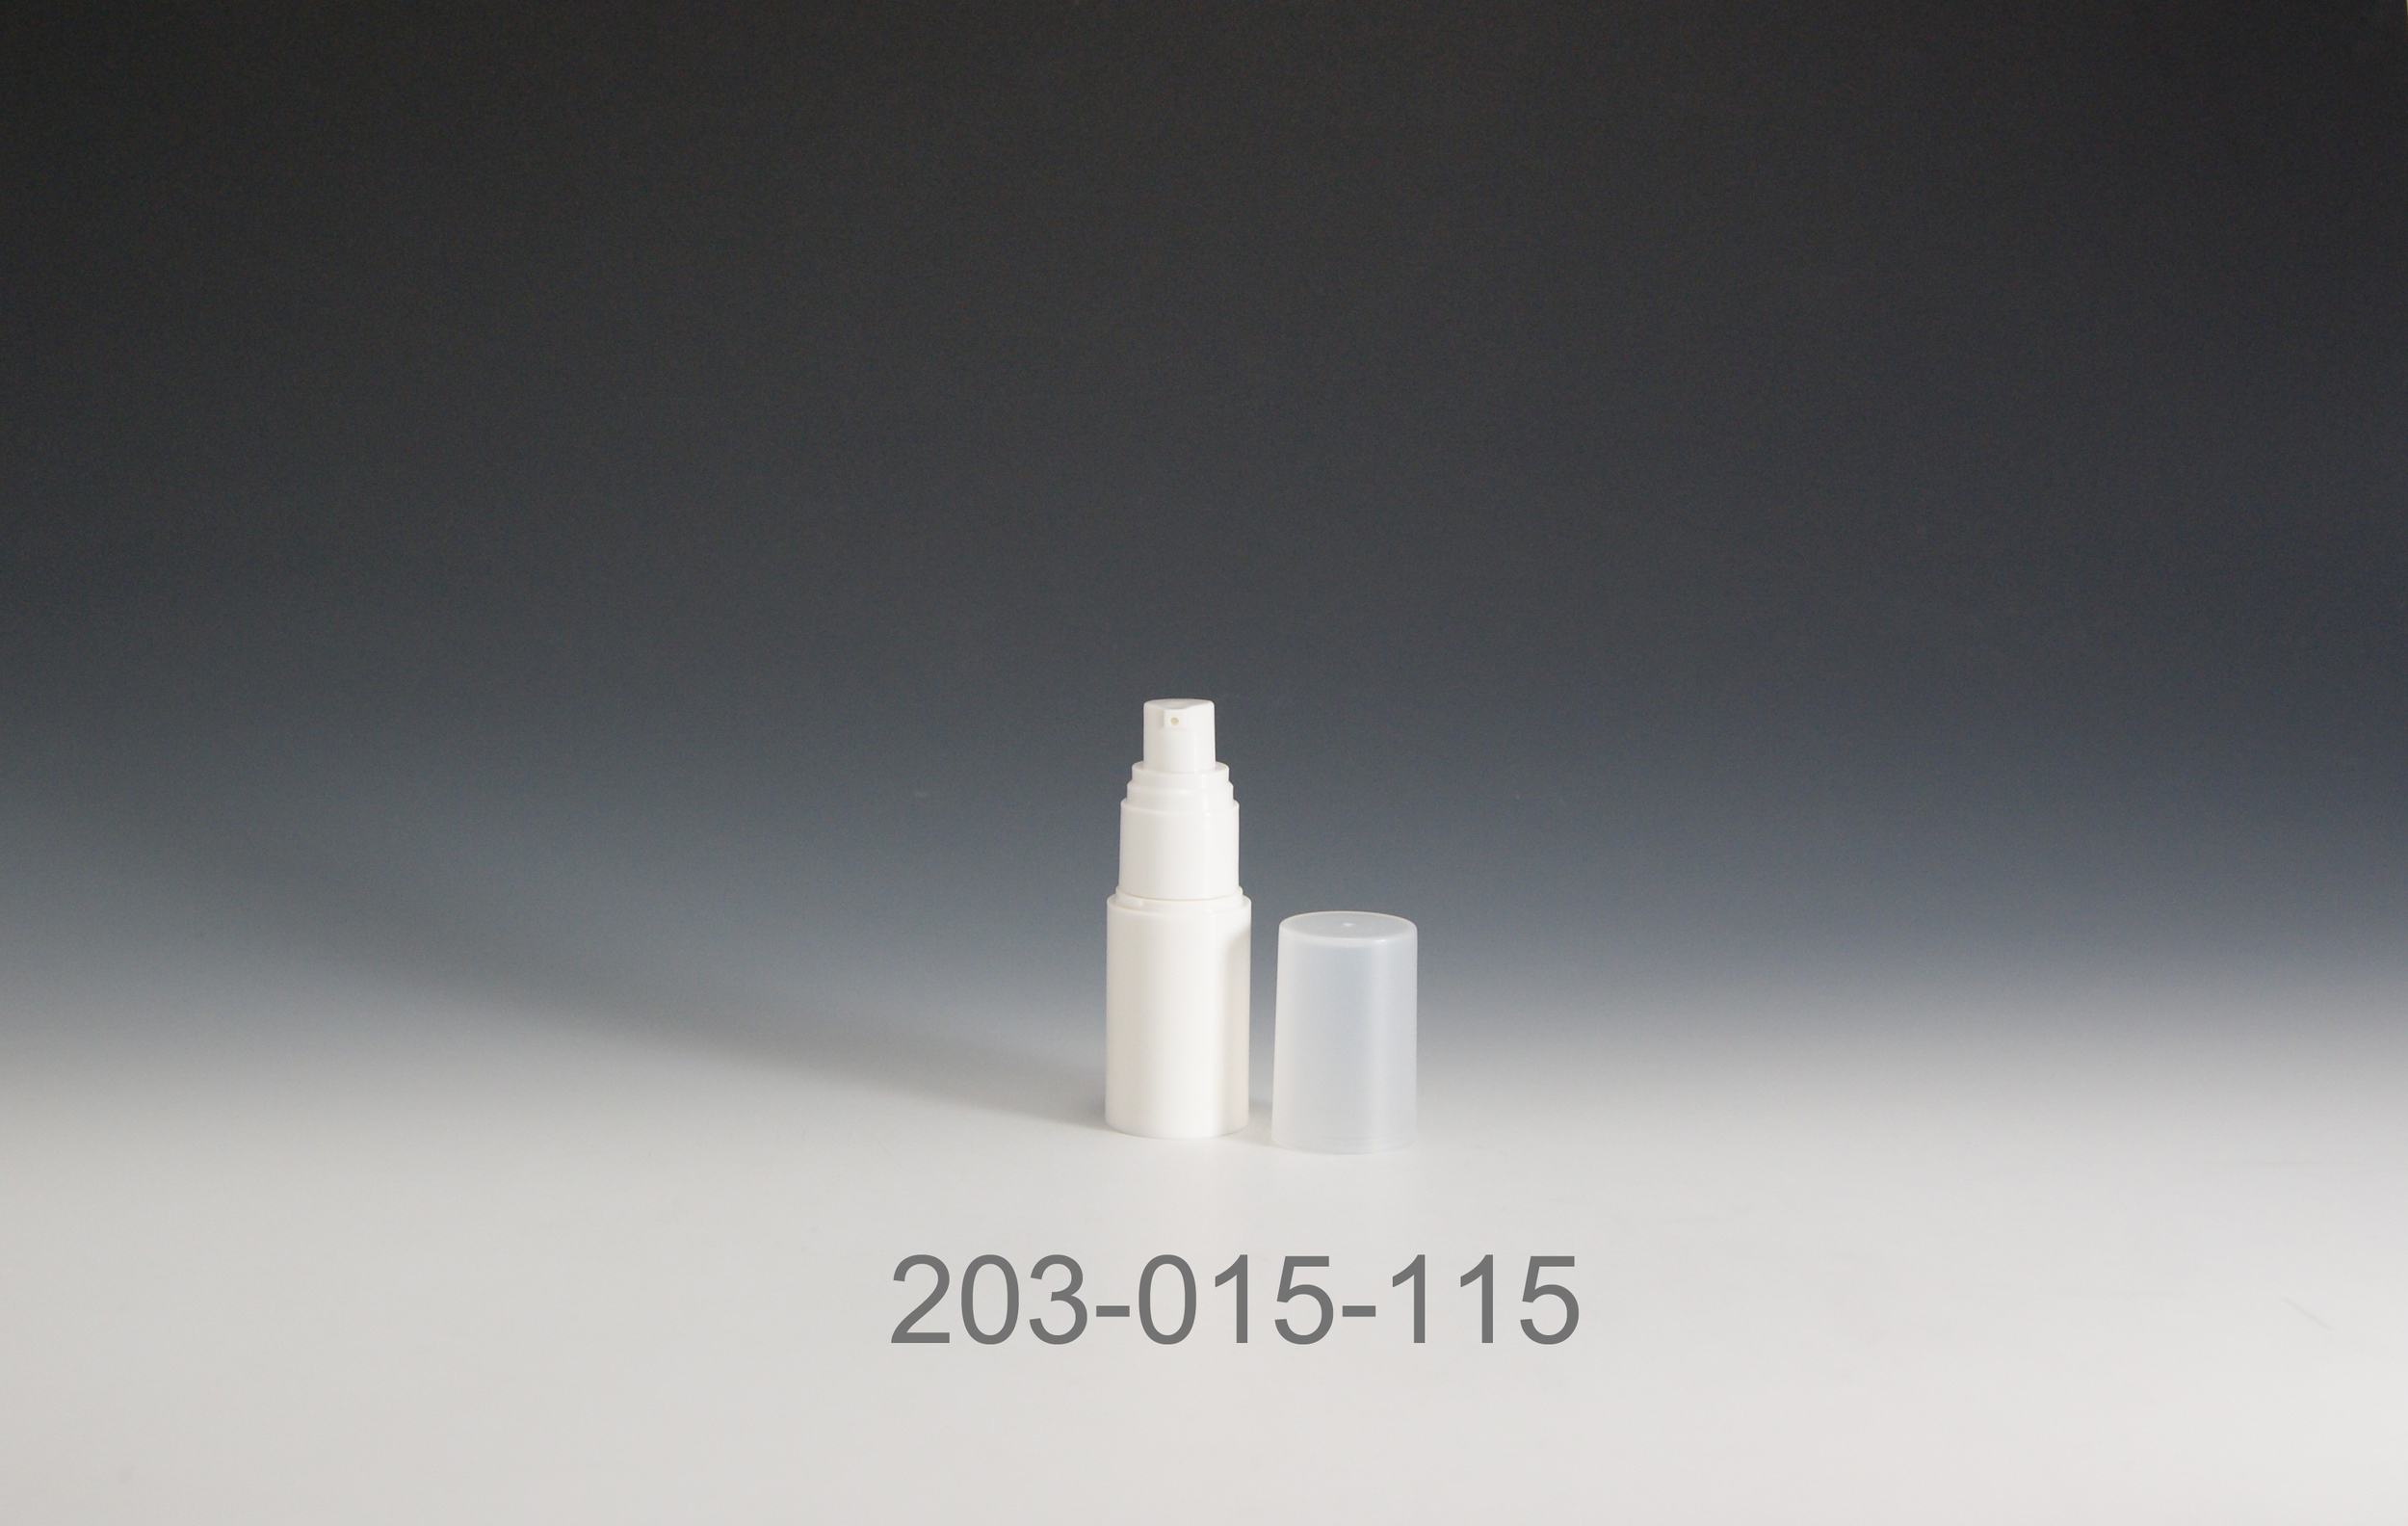 203-015-115.jpg